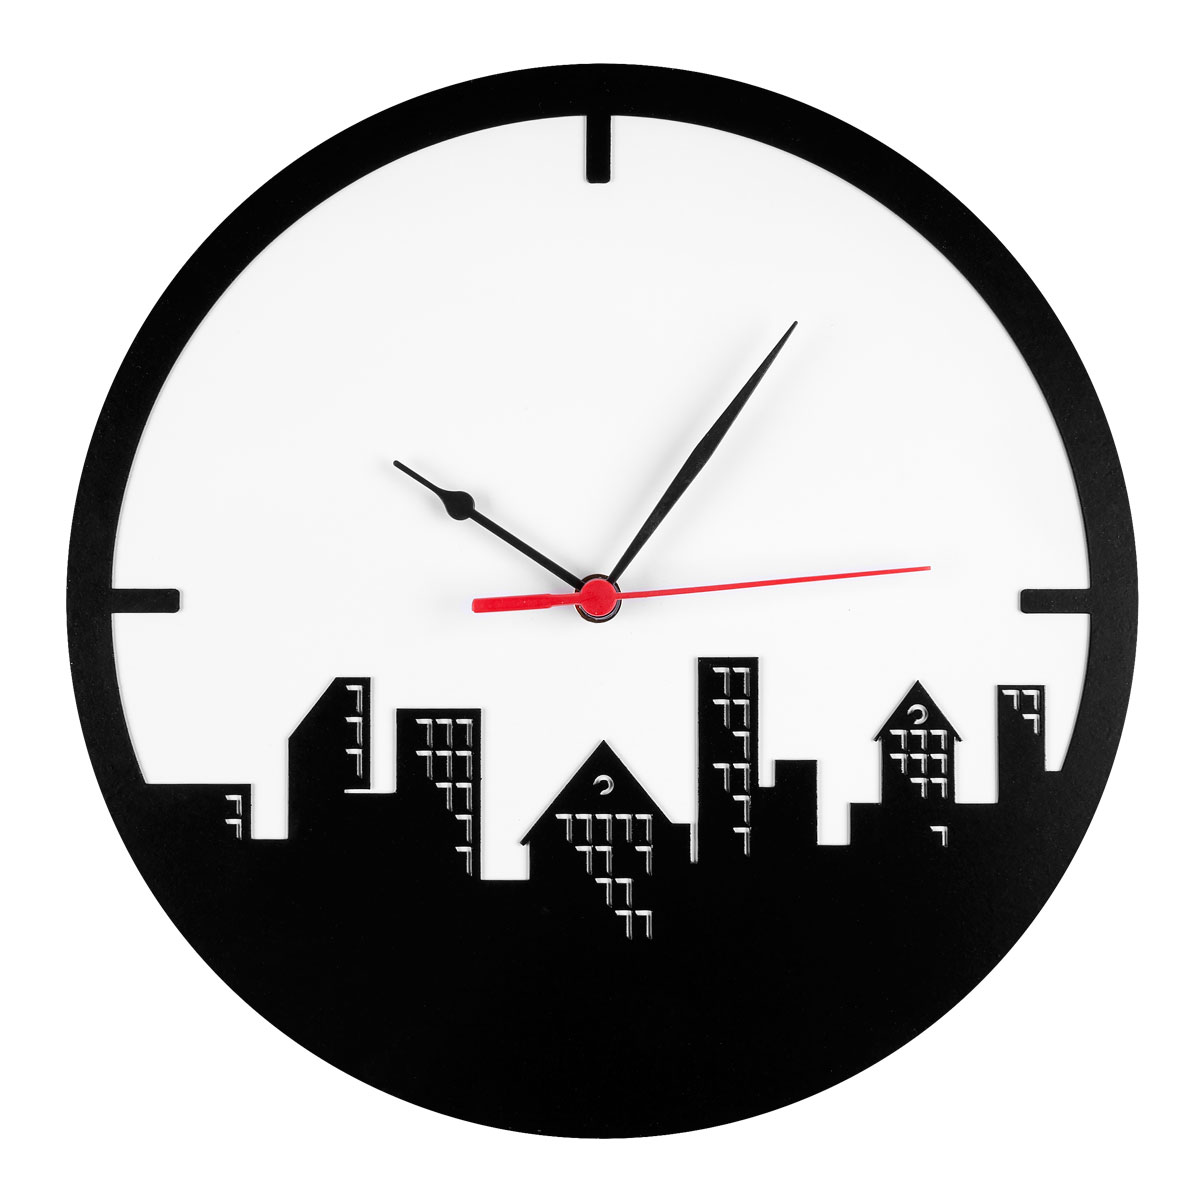 Часы настенные Miolla Город, цвет: белый, черныйCH008Оригинальные настенные часы круглой формы выполнены из стали. Часы имеют три стрелки - часовую, минутную и секундную и циферблат с цифрами. Необычное дизайнерское решение и качество исполнения придутся по вкусу каждому.Оформите свой дом таким интерьерным аксессуаром или преподнесите его в качестве презента друзьям, и они оценят ваш оригинальный вкус и неординарность подарка.